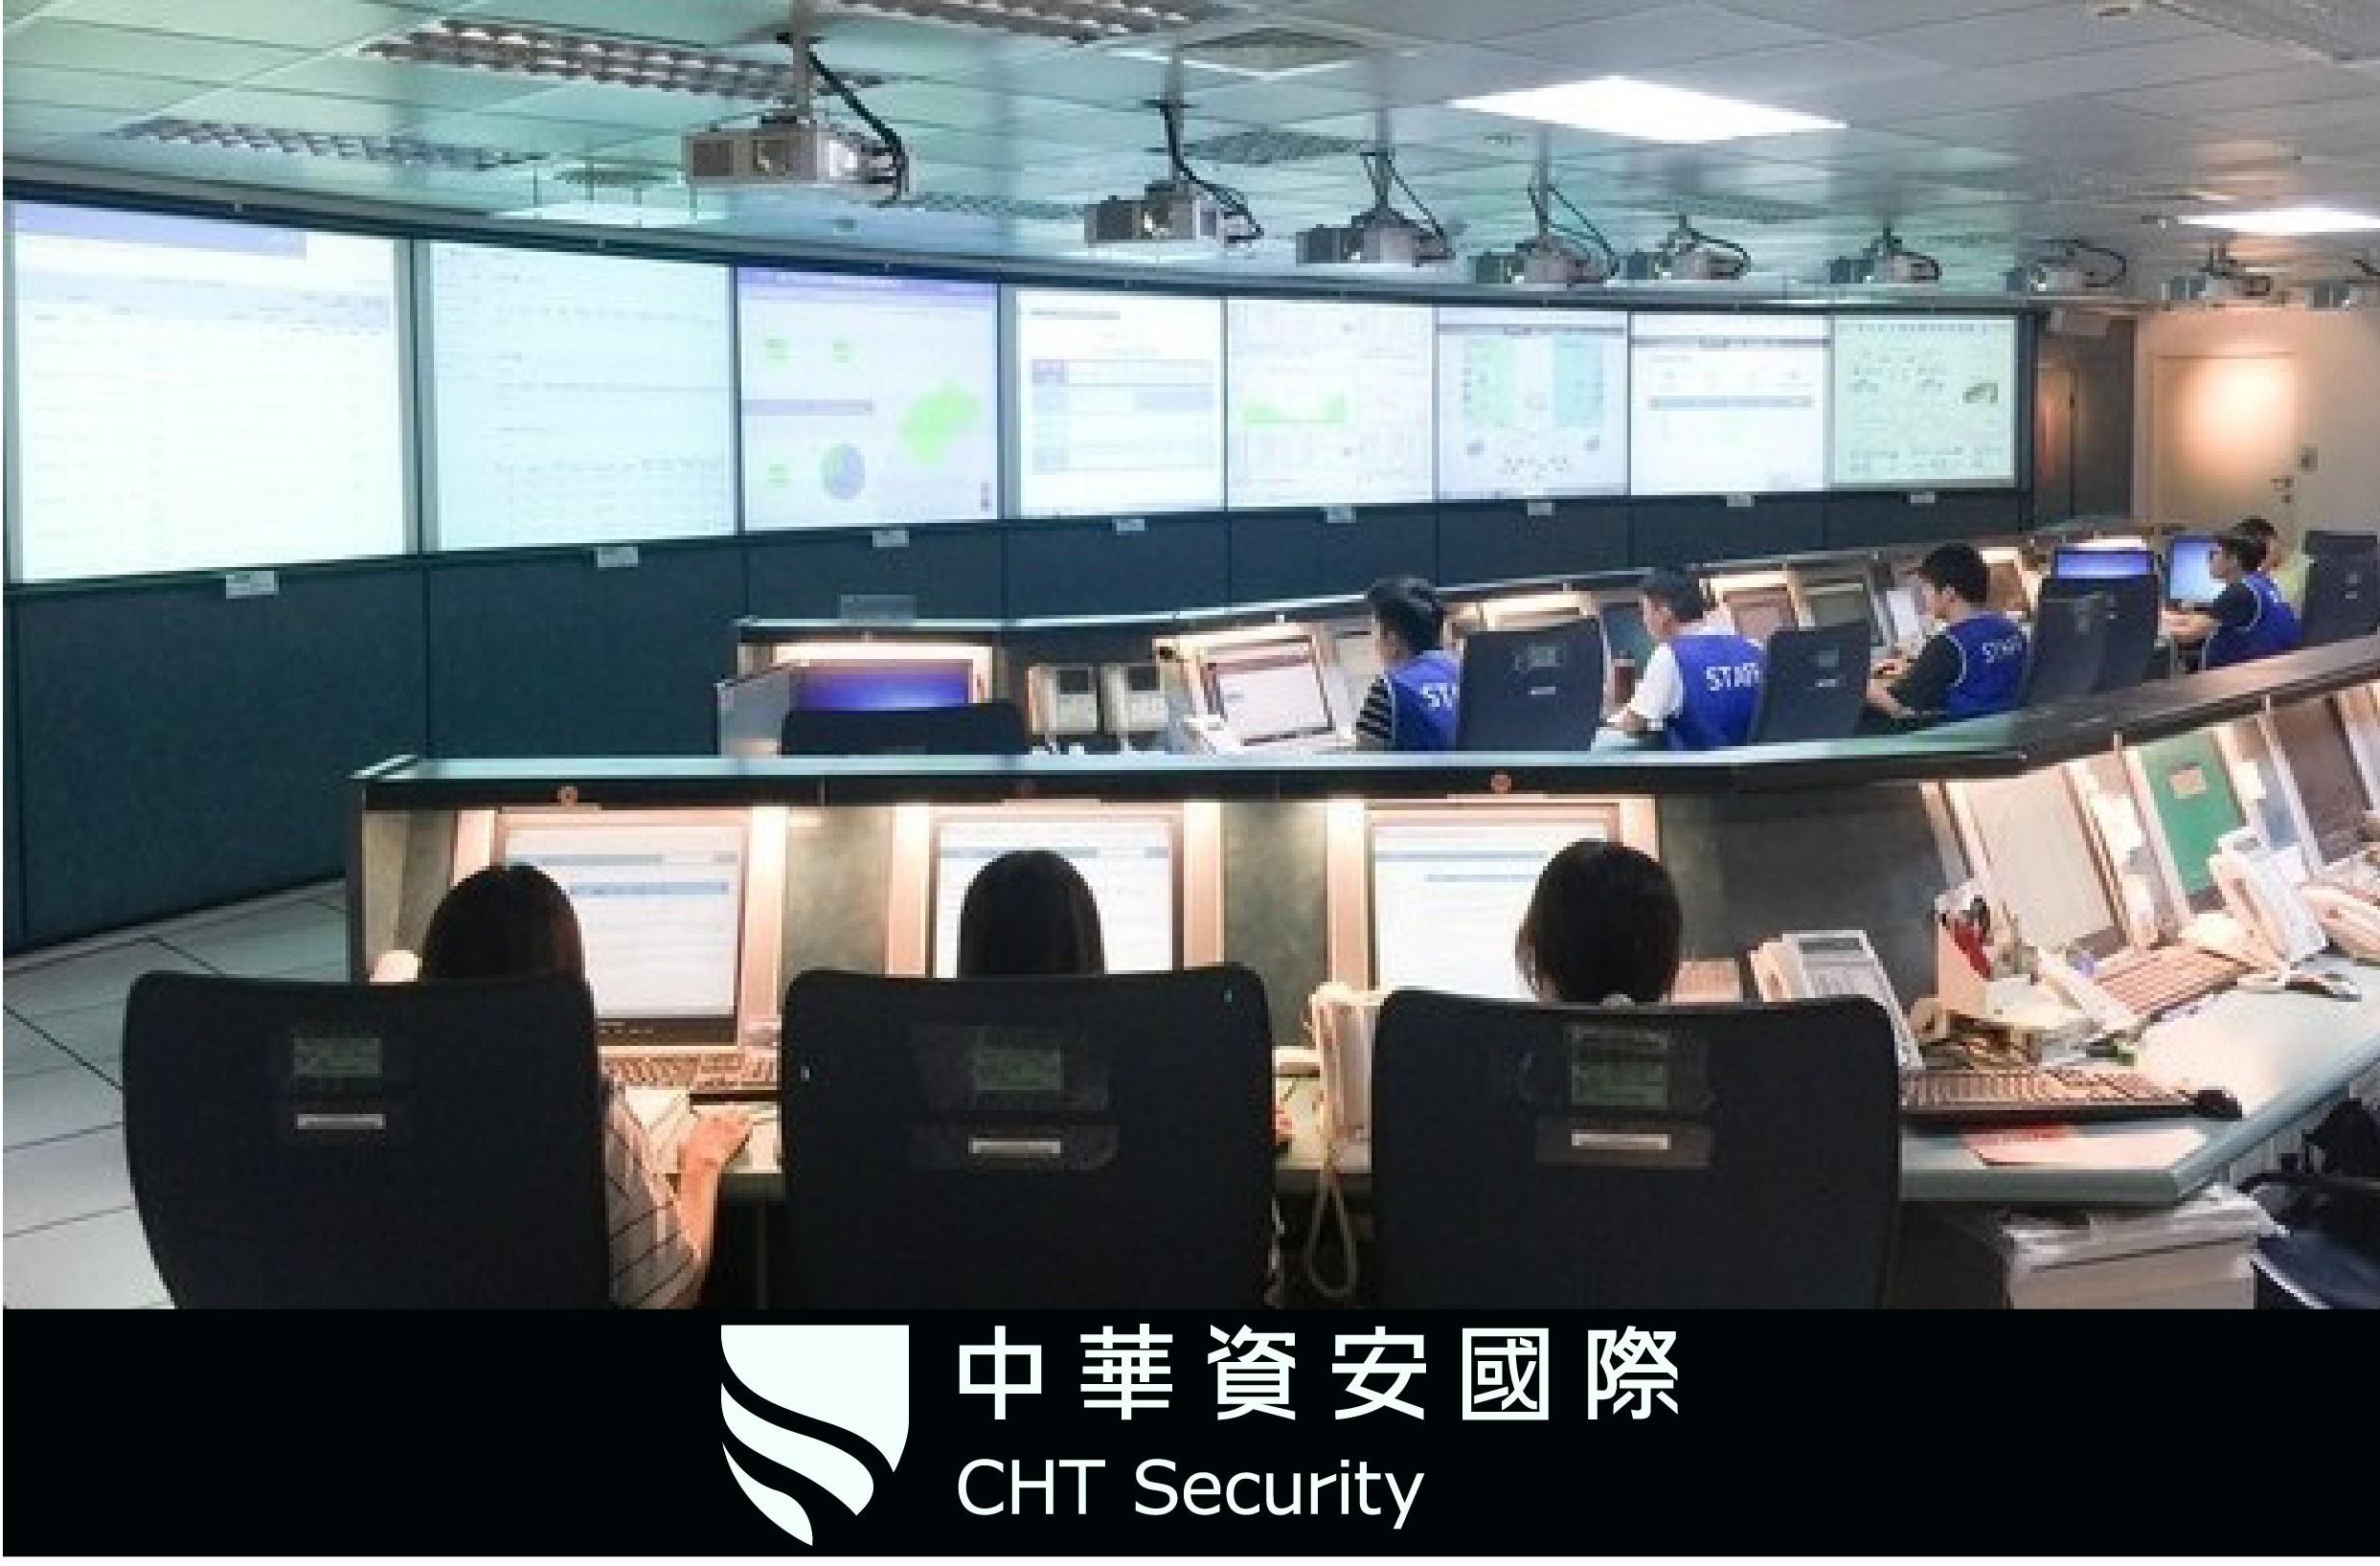 中華資安國際在行政院資安服務廠商評鑑中,拿下五項資安服務A級最高評價